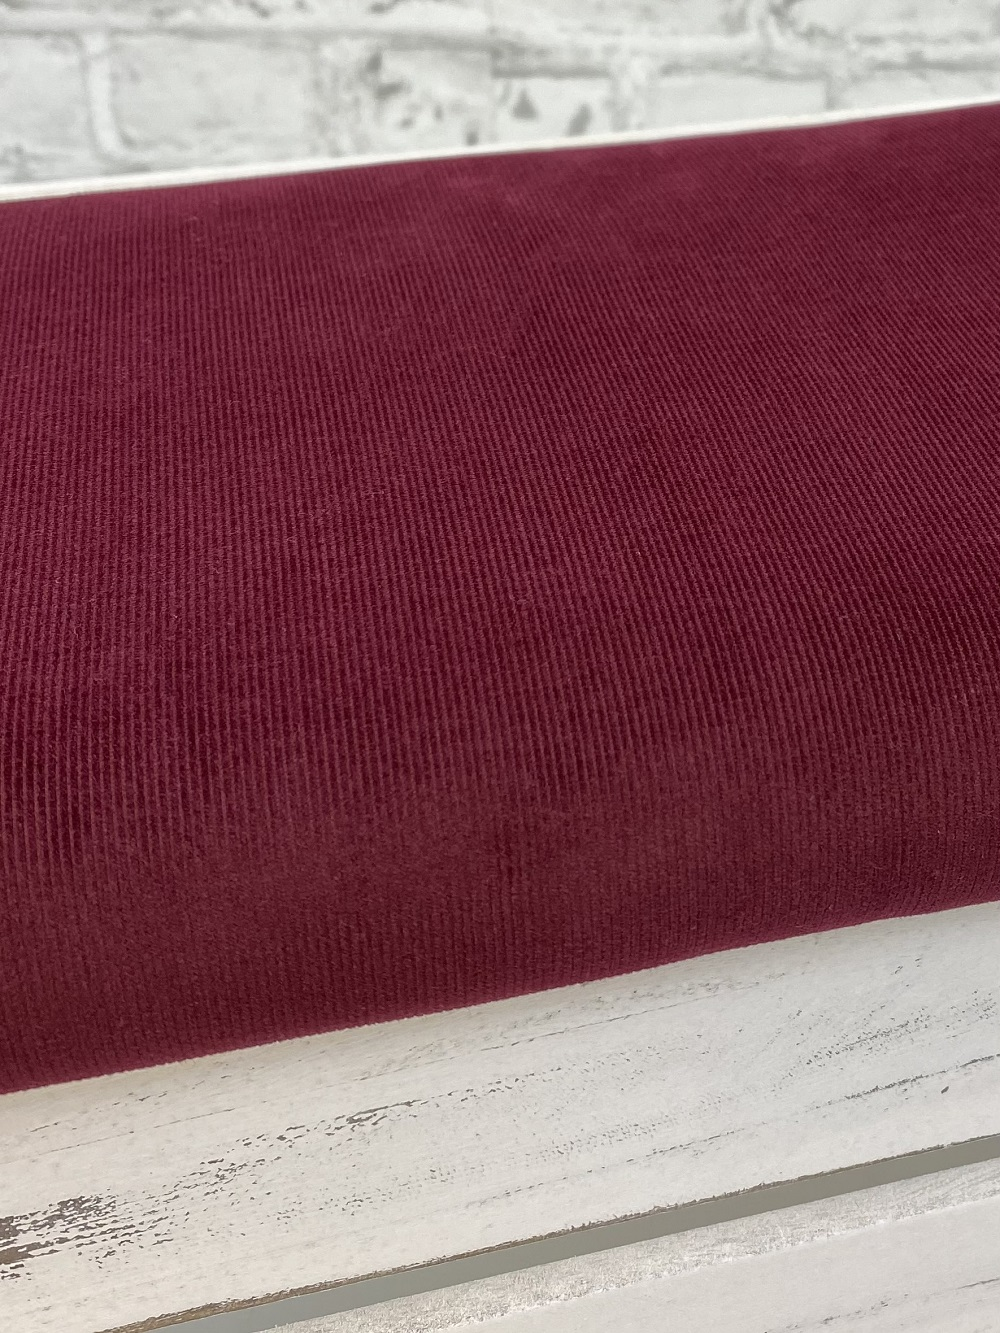 Feincord gewaschen, dunkel bordeaux. Art. 4809/819